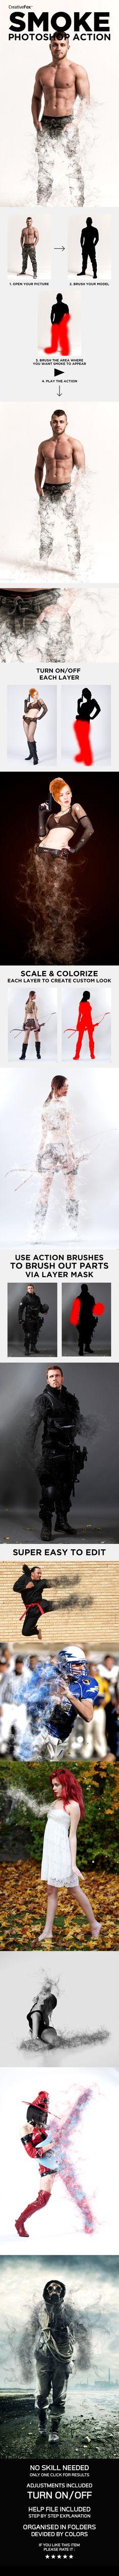 Smoke Photoshop Action - Smoke Effect Creator Action